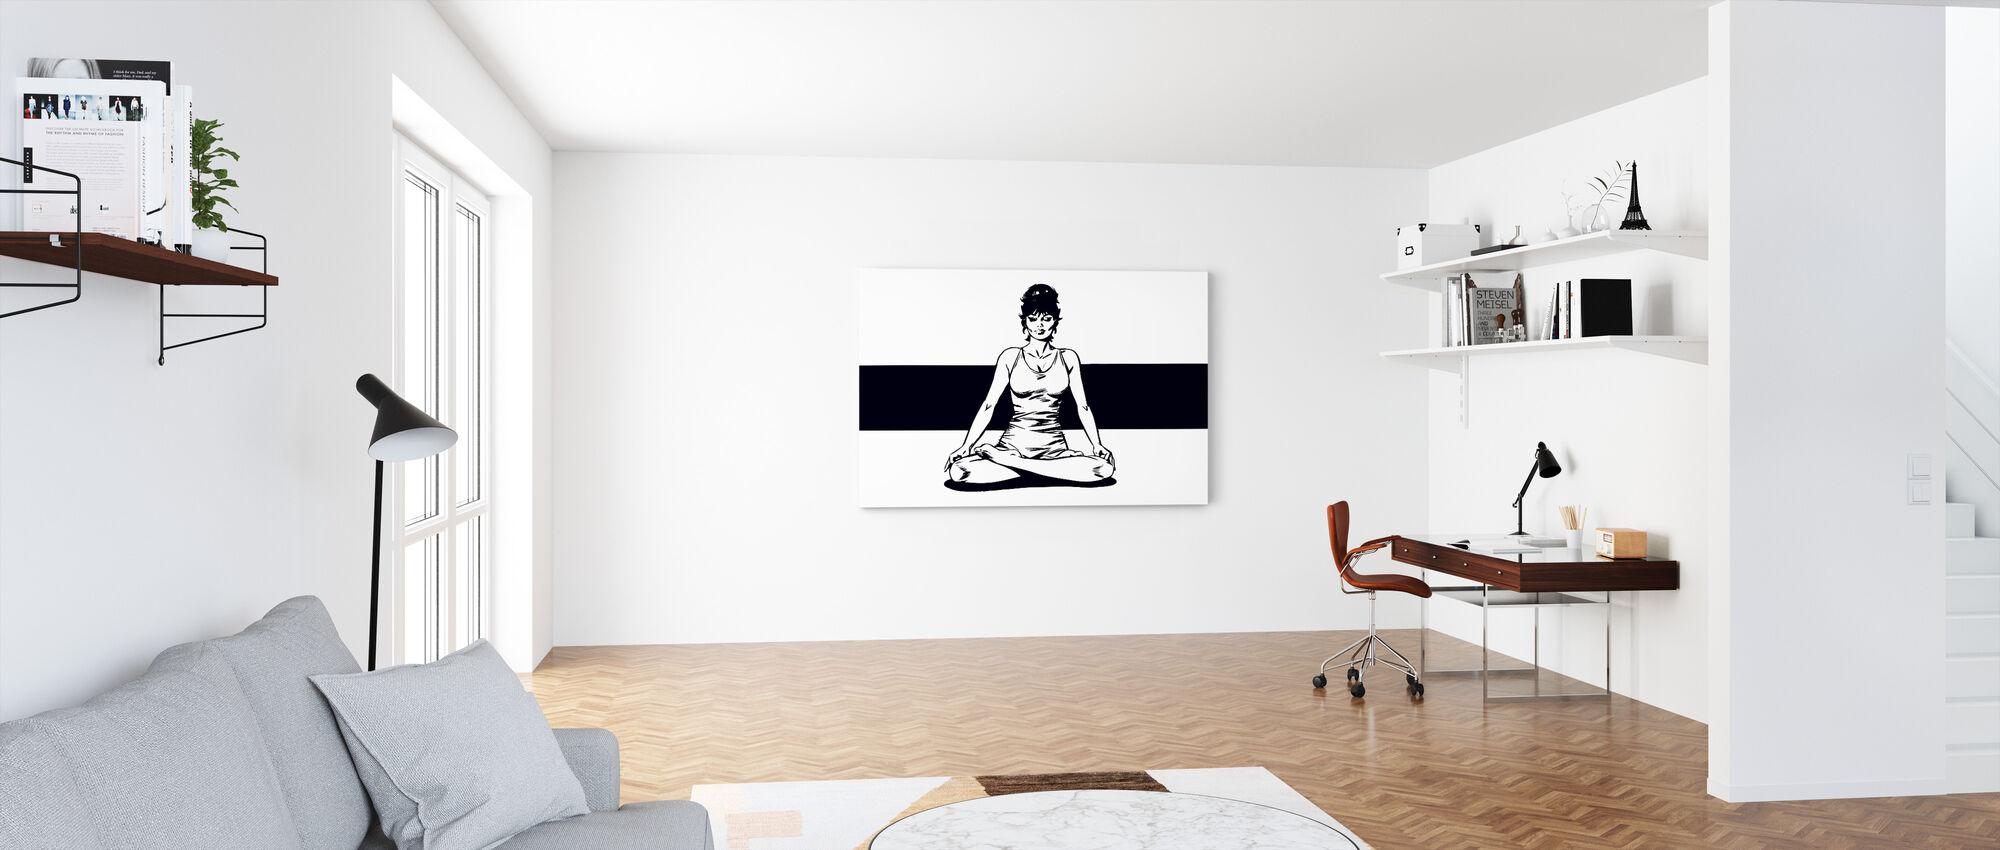 Vaatimattomuus meditoi - Canvastaulu - Toimisto